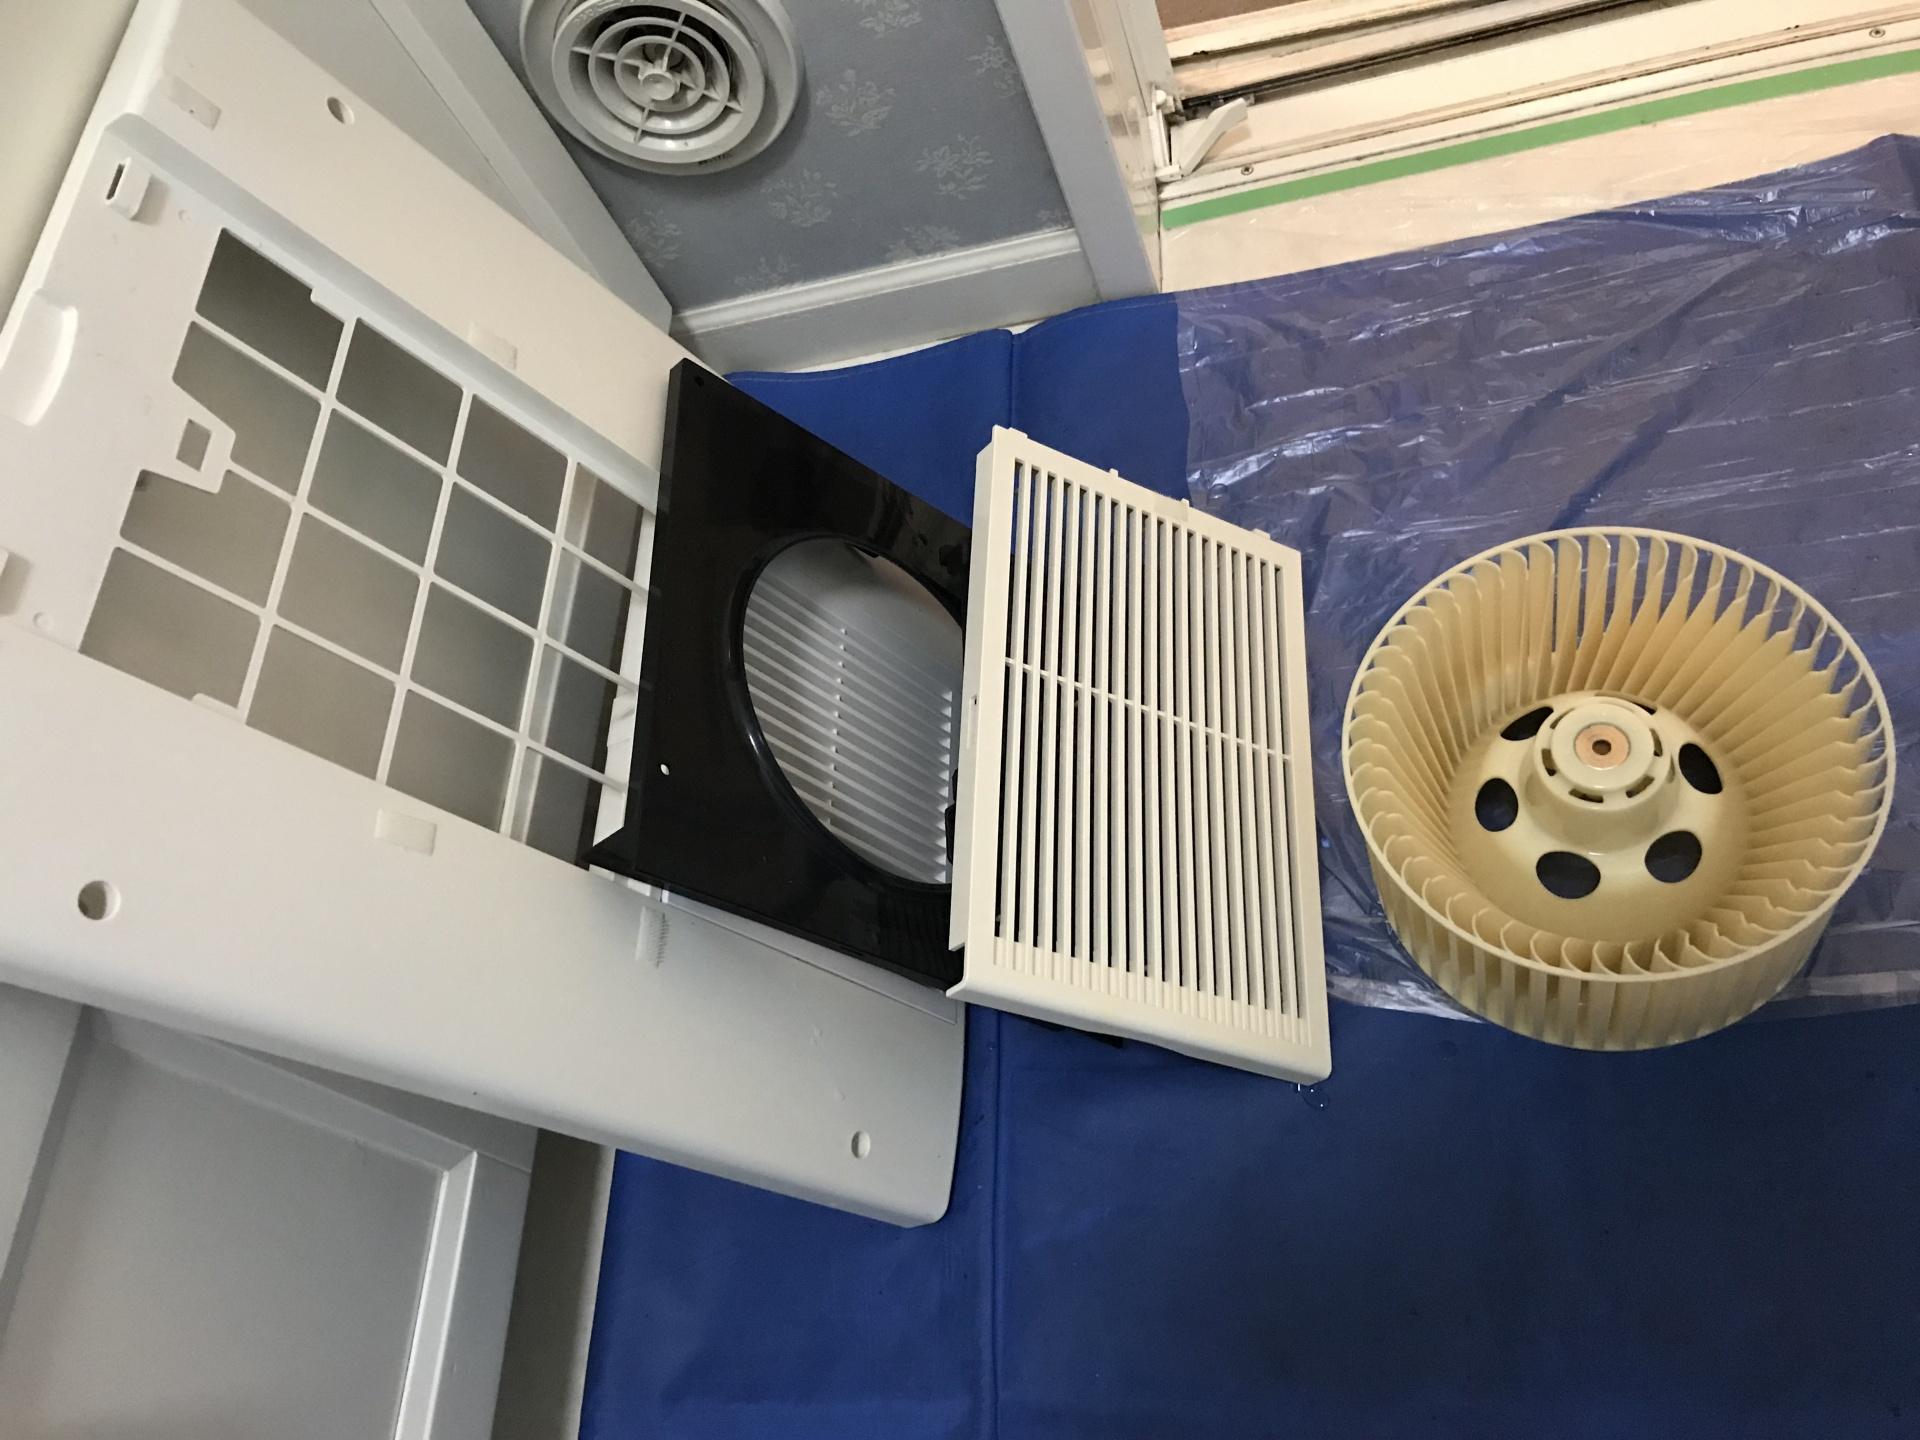 浴室乾燥機の分解した部品です。